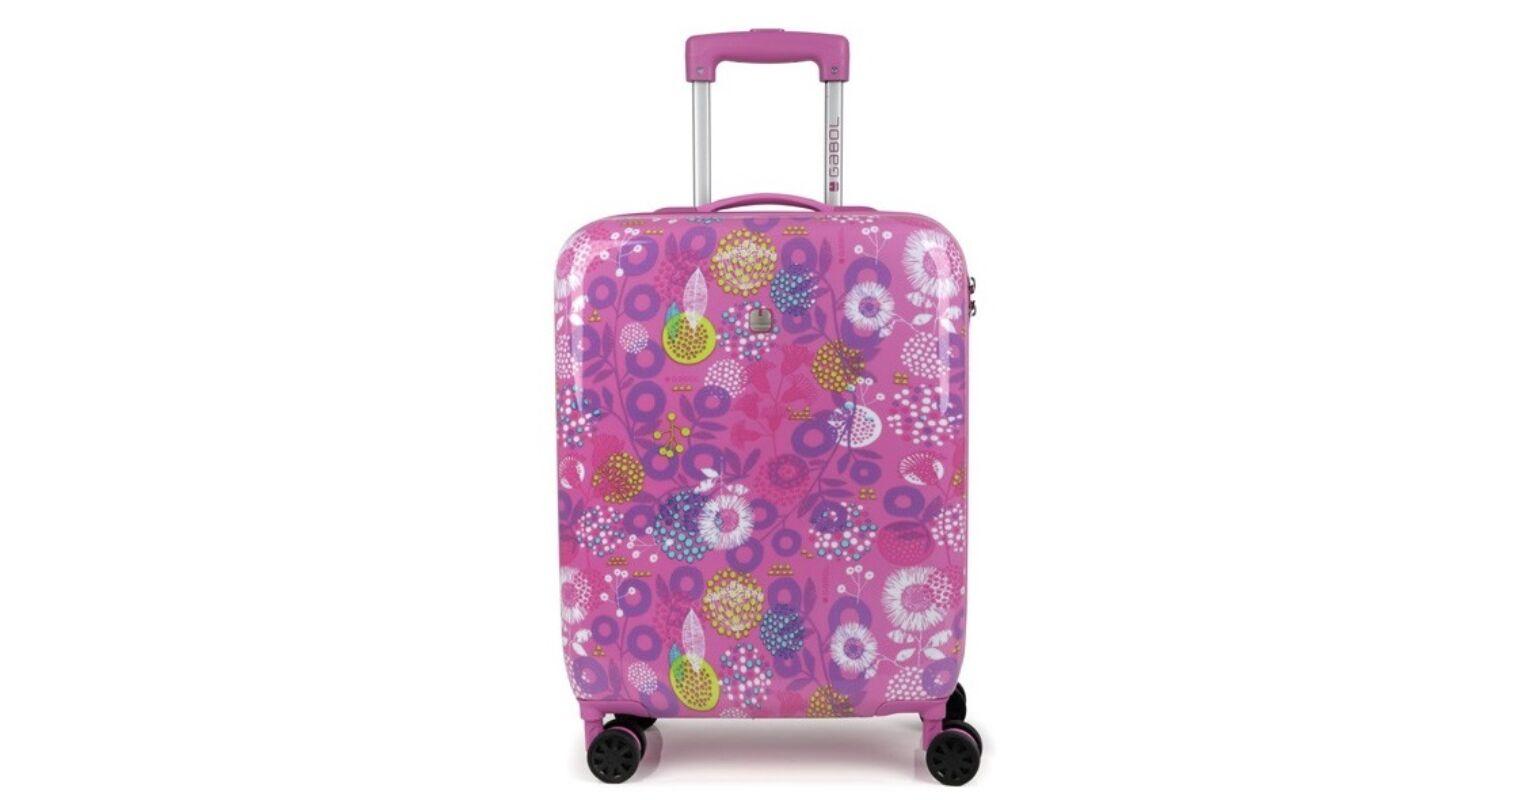 f54c3adf4870 Gabol Linda 4-kerekes Wizzair, Ryanair kabin bőrönd 55 cm. 24.290 Ft-os  áron!